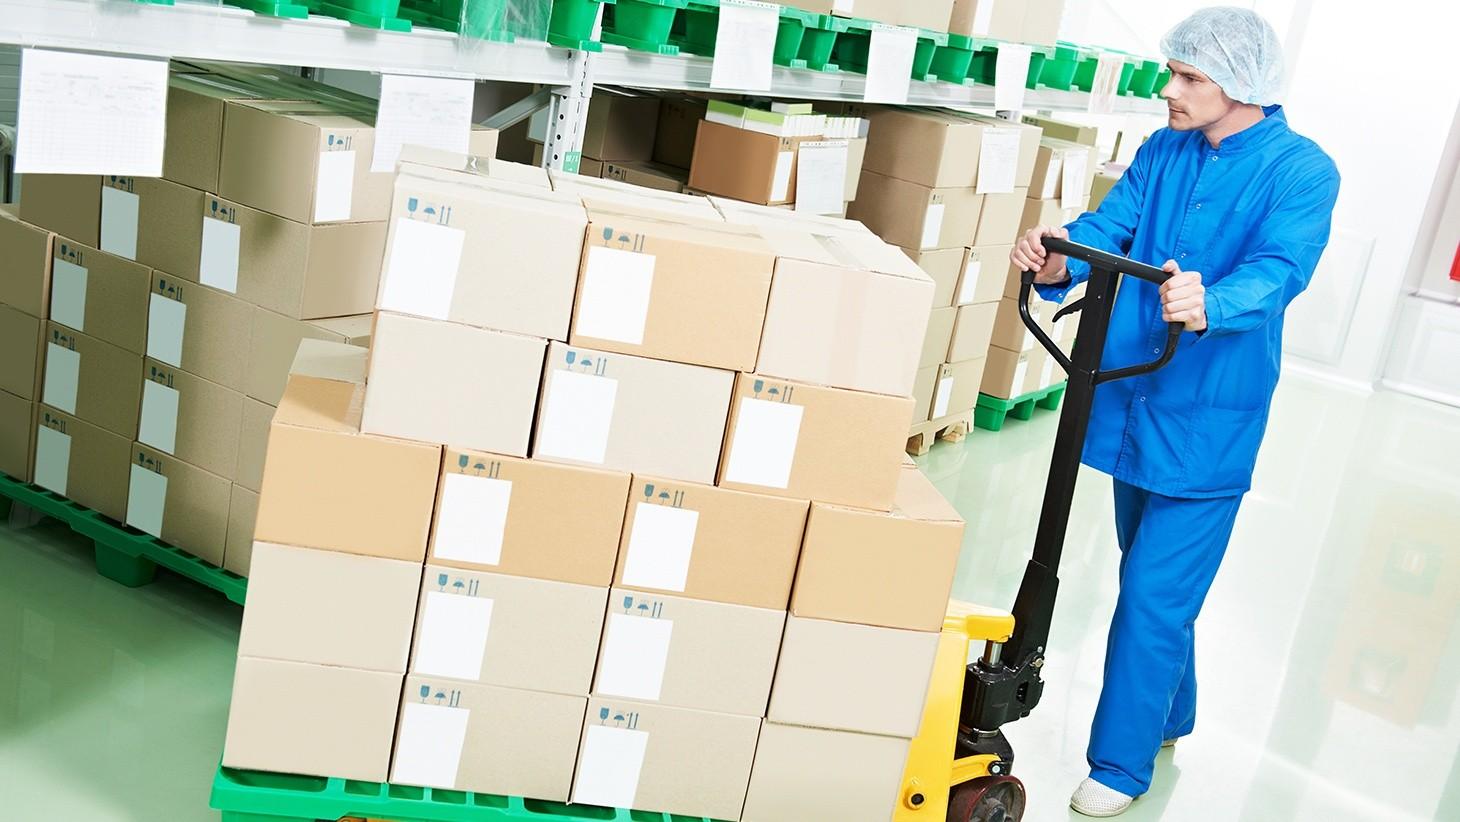 Безопасная доставка, транспортировка медикаментов